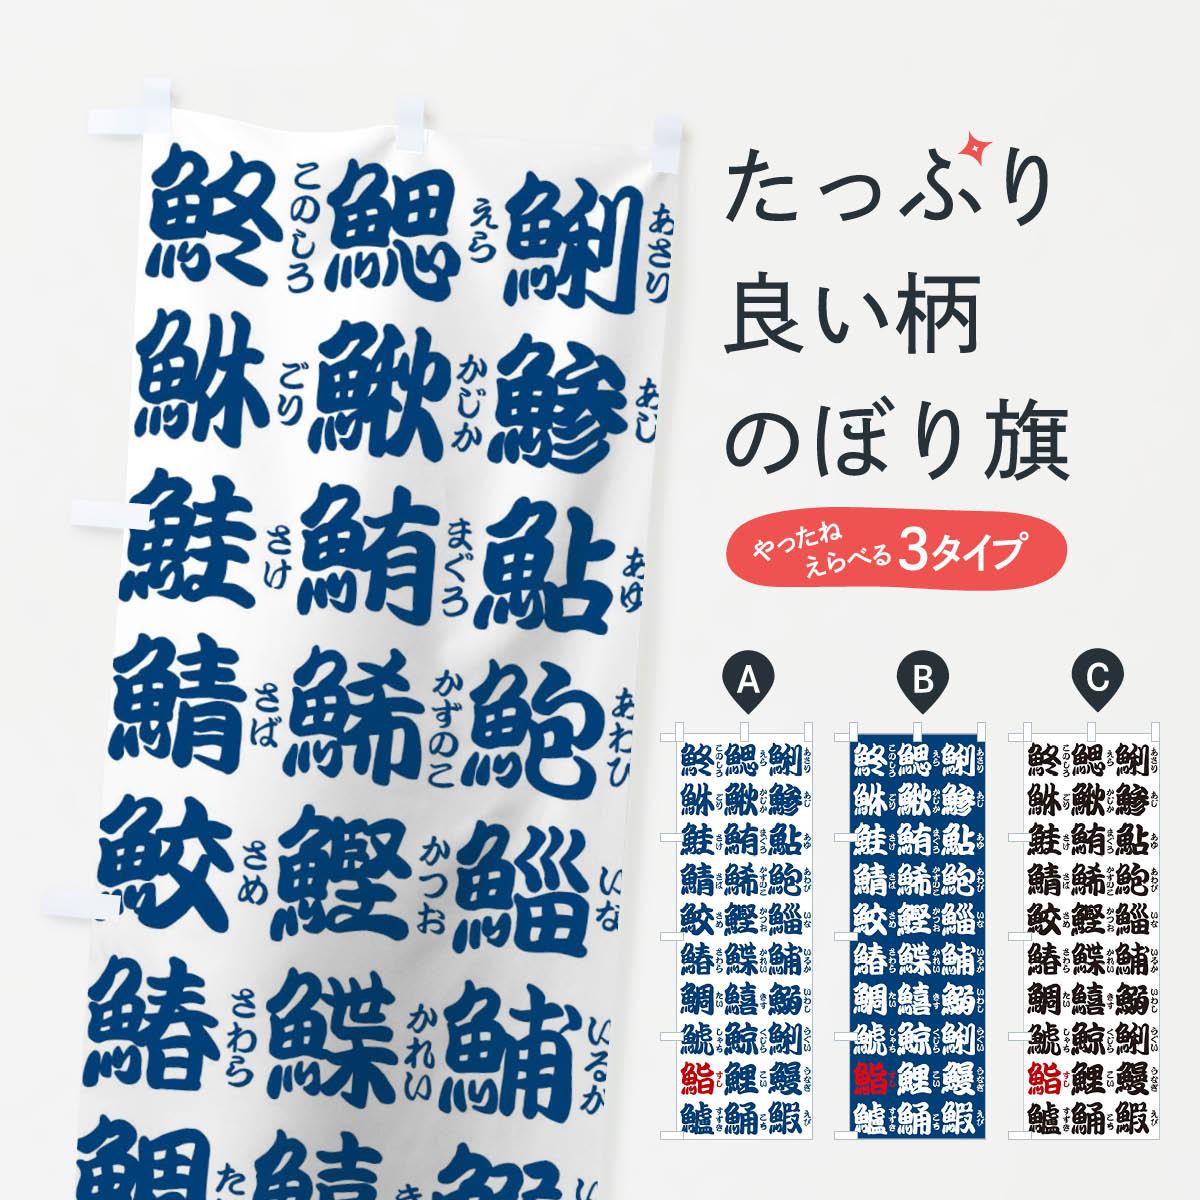 のぼり 横幕 寿司 現金特価 信託 低価格に対して高品質とデザイン性で選ばれてます 各サイズや仕様にも対応 のぼり旗 ネコポス送料360 寿司のぼり TRUL